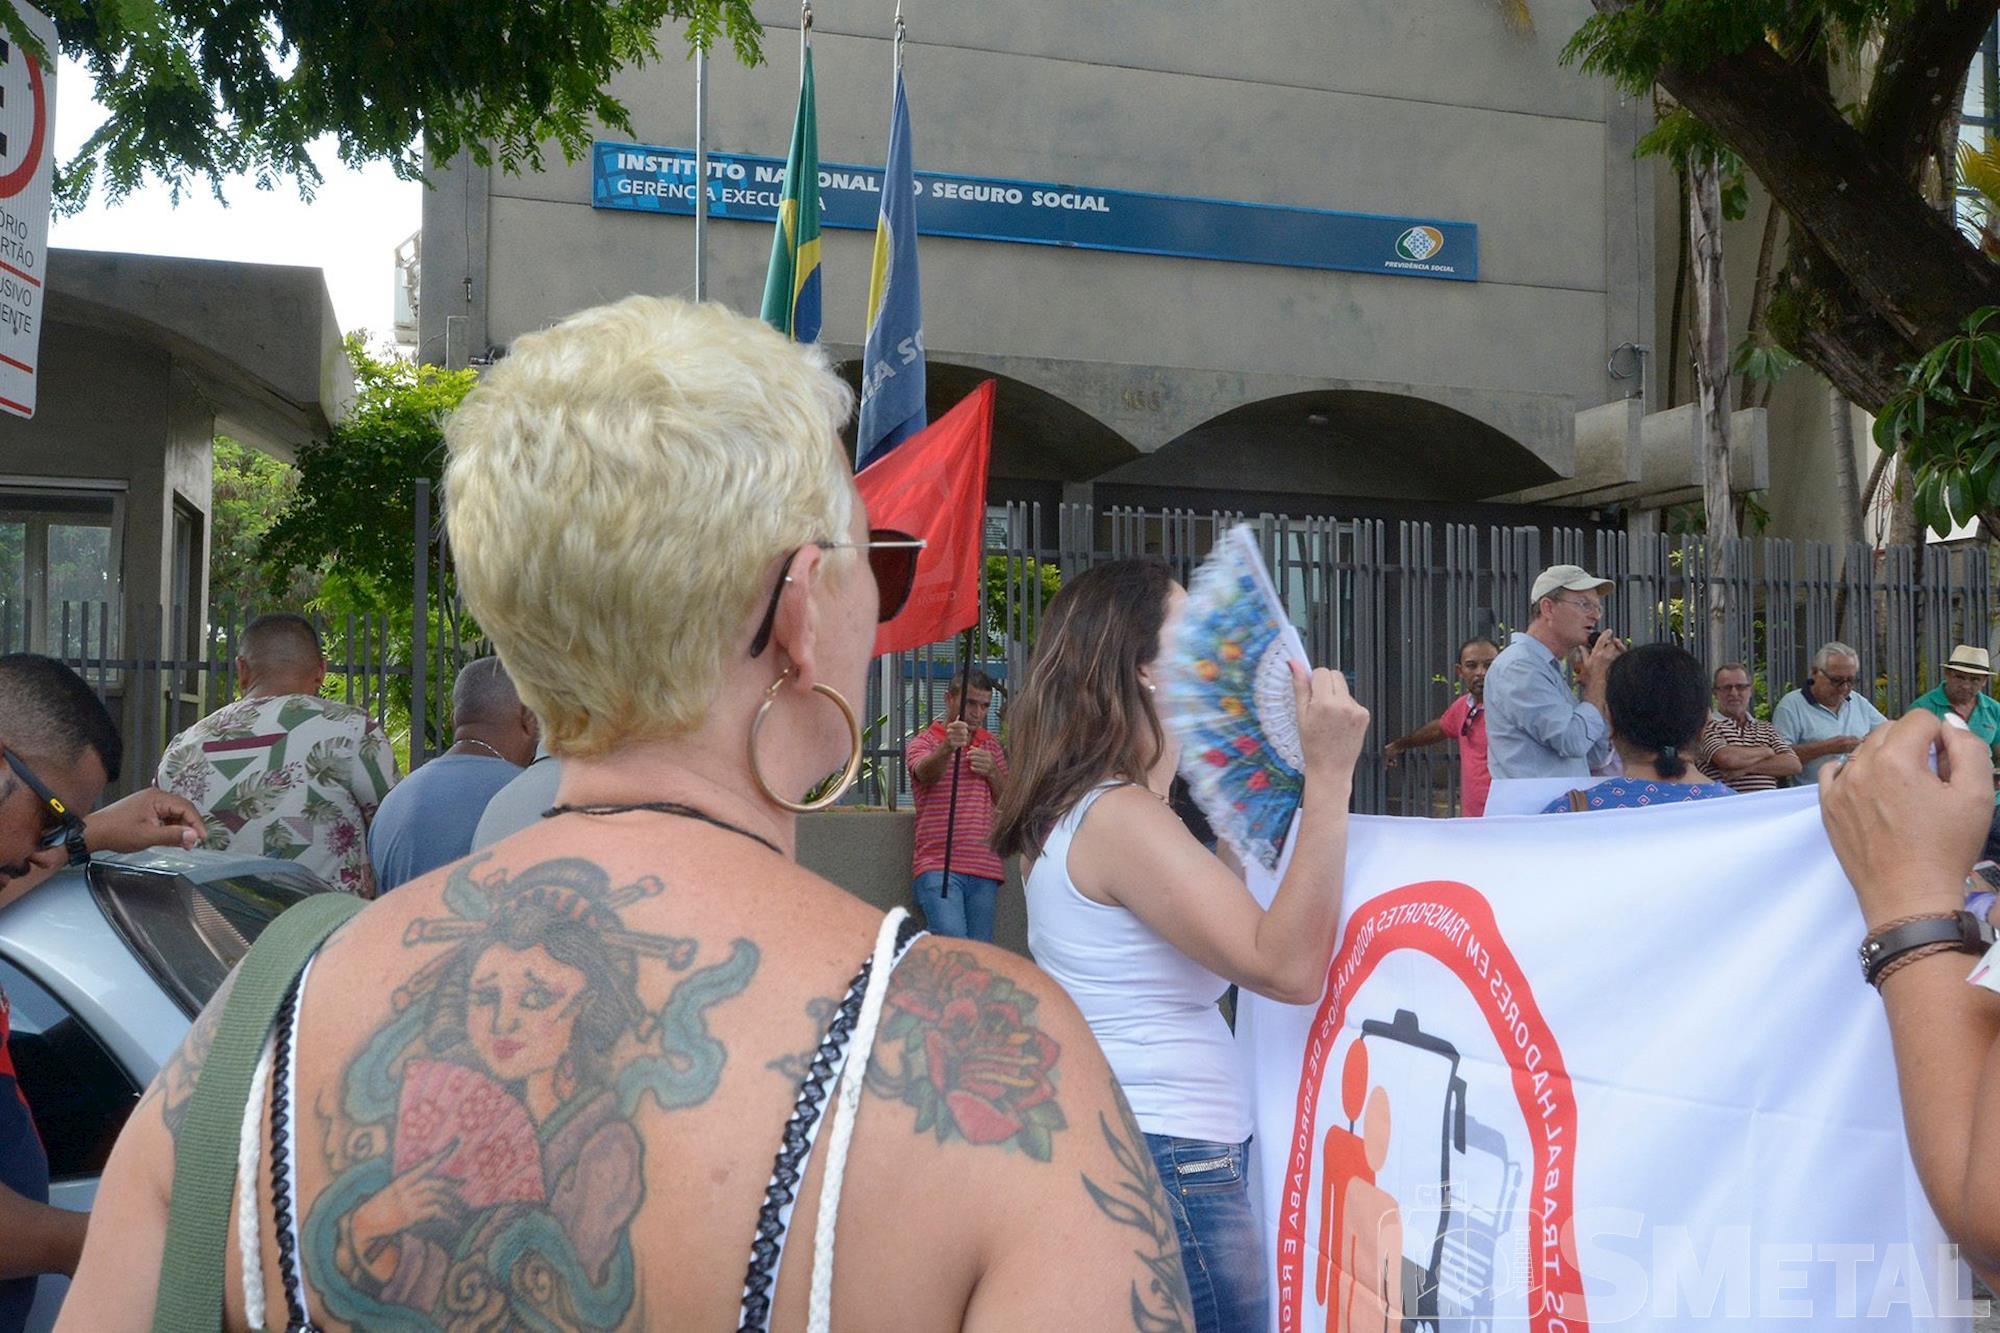 Foguinho/Imprensa SMetal , Trabalhadores de Sorocaba protestam contra o desmonte do INSS